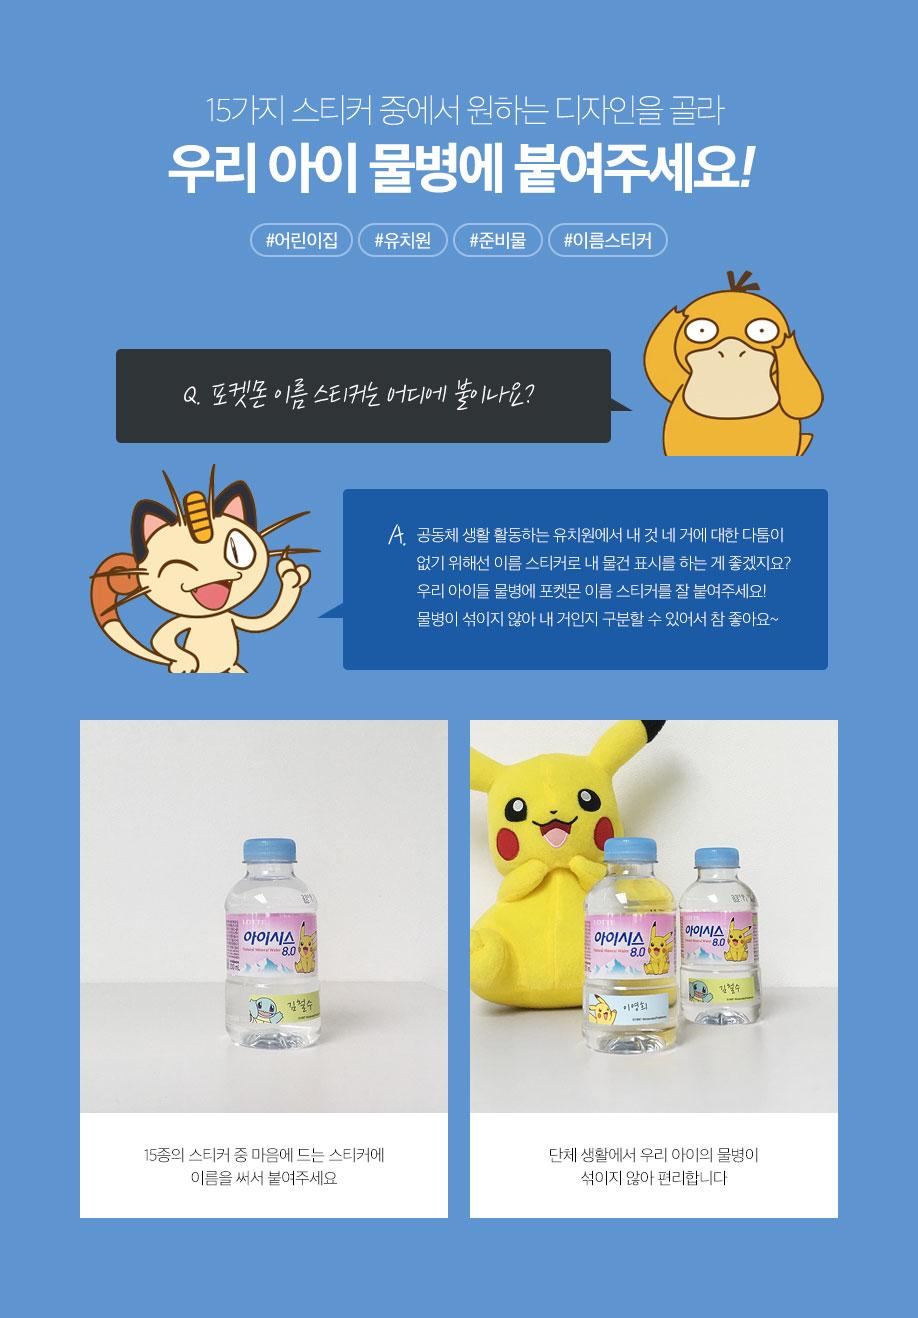 15가지 스티커 중에서 원하는 디자인을 골라 우리 아이 물병에 붙여주세요!